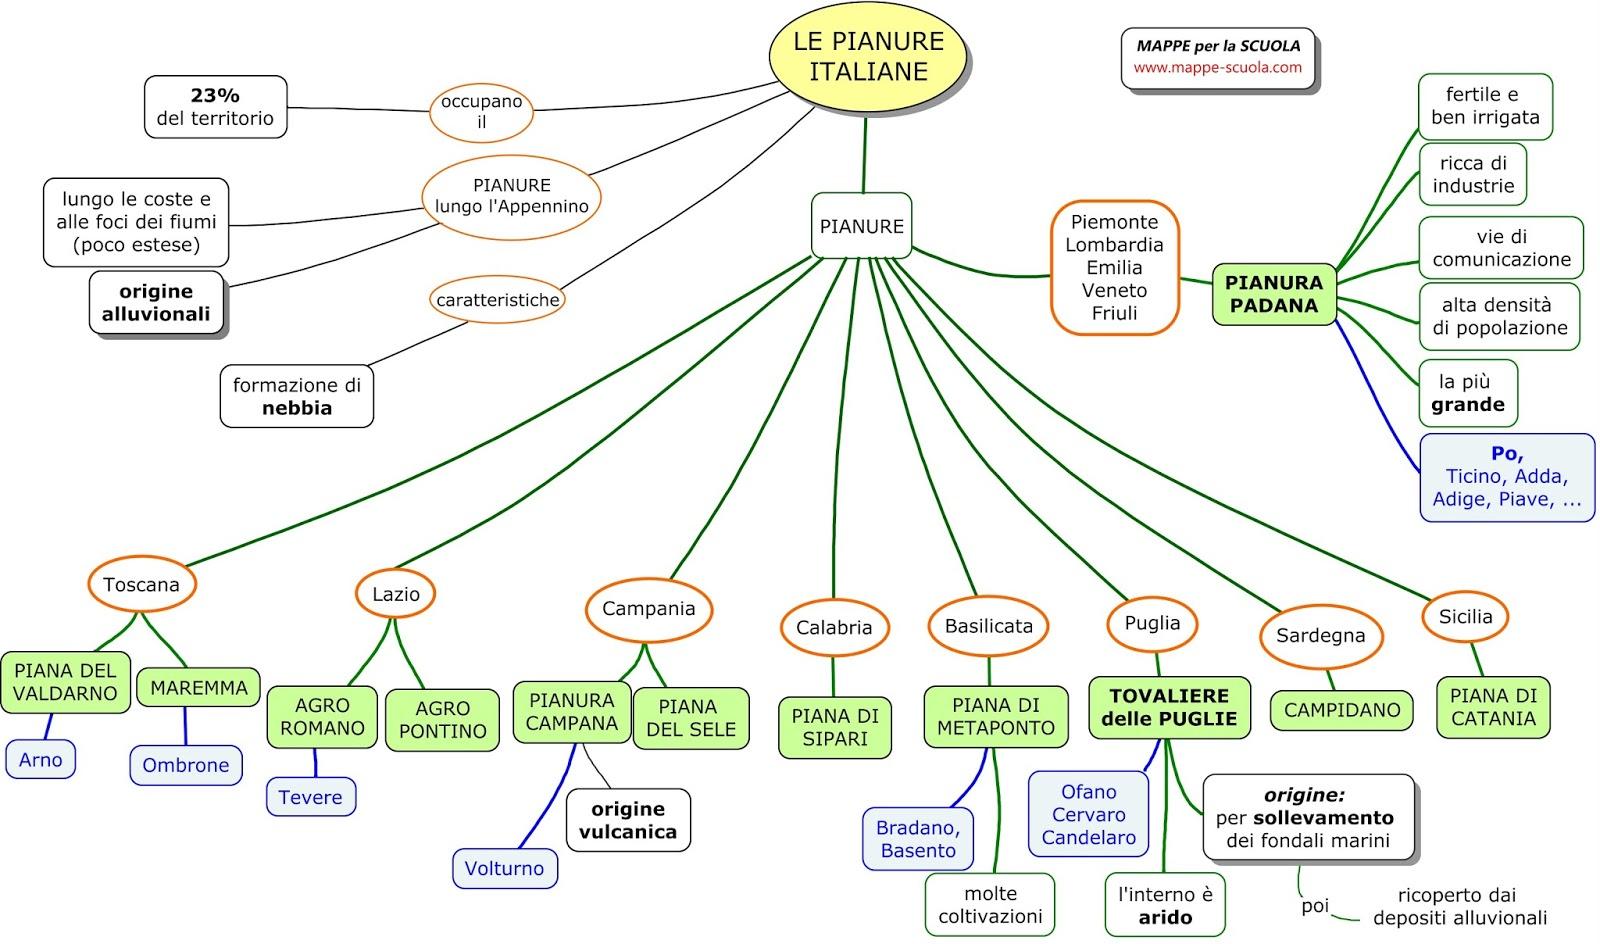 Mappe Per La Scuola Le Pianure Italiane